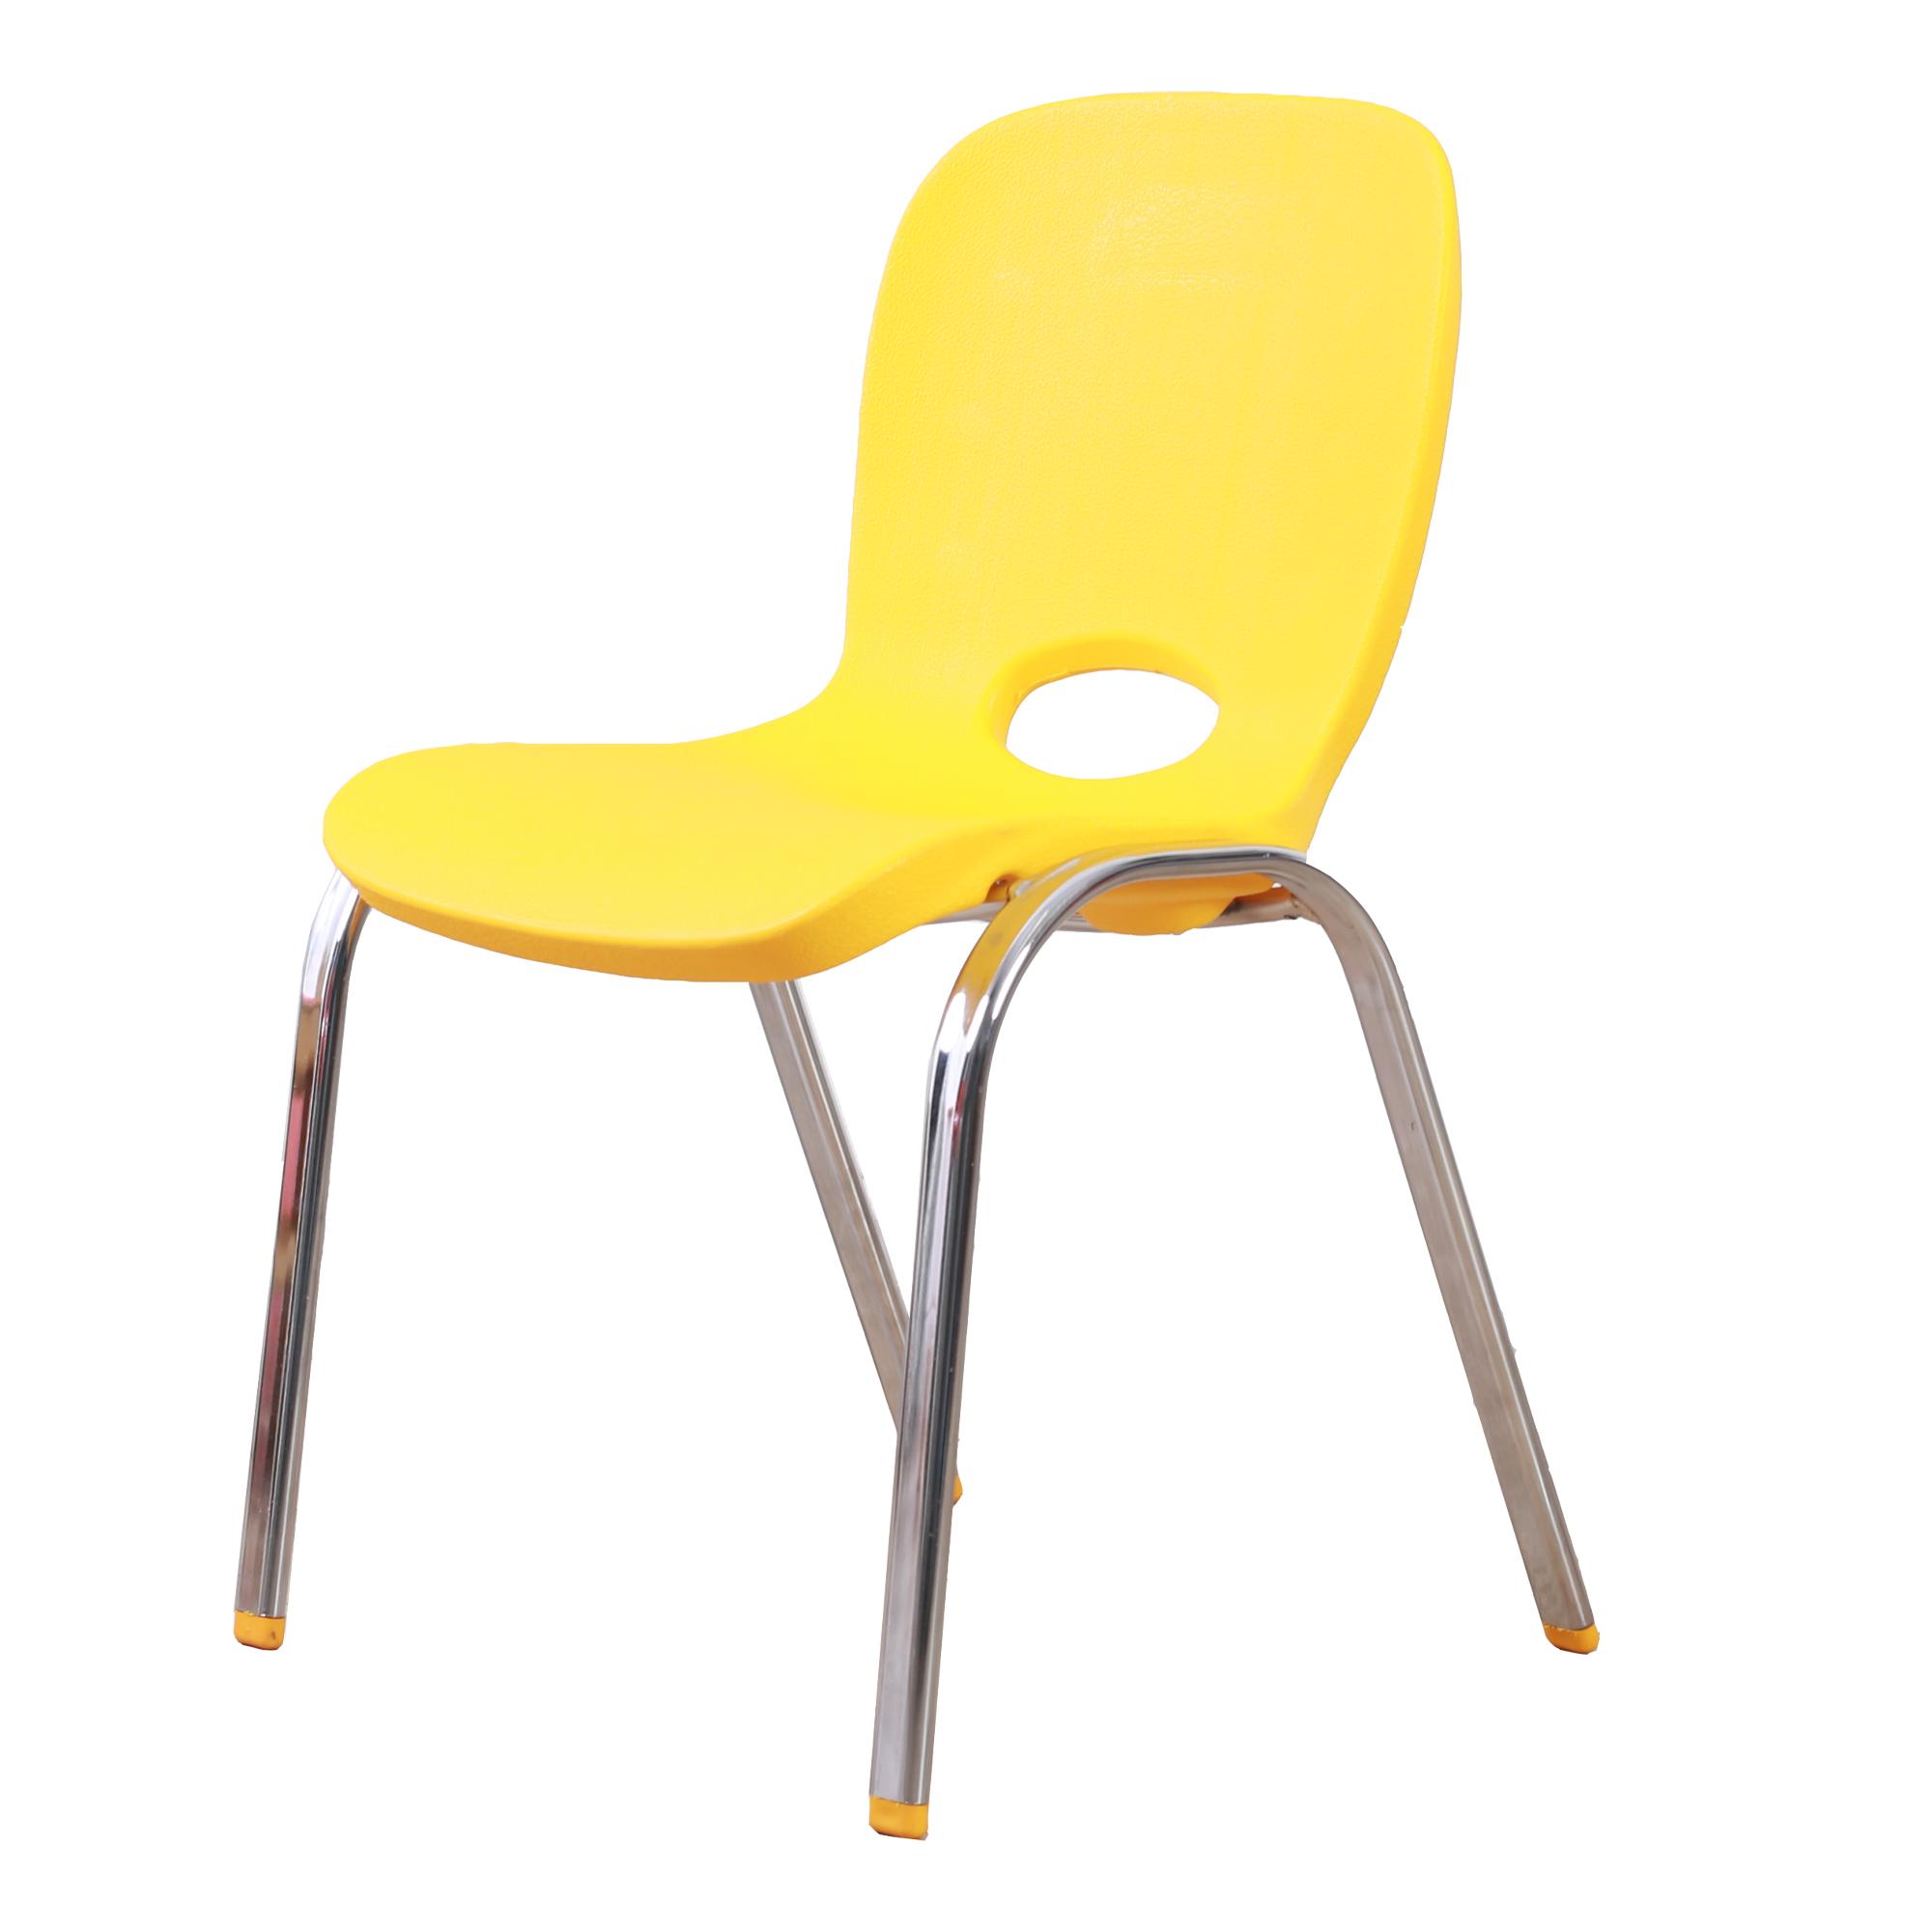 صندلی کودک هایرست مدل P24